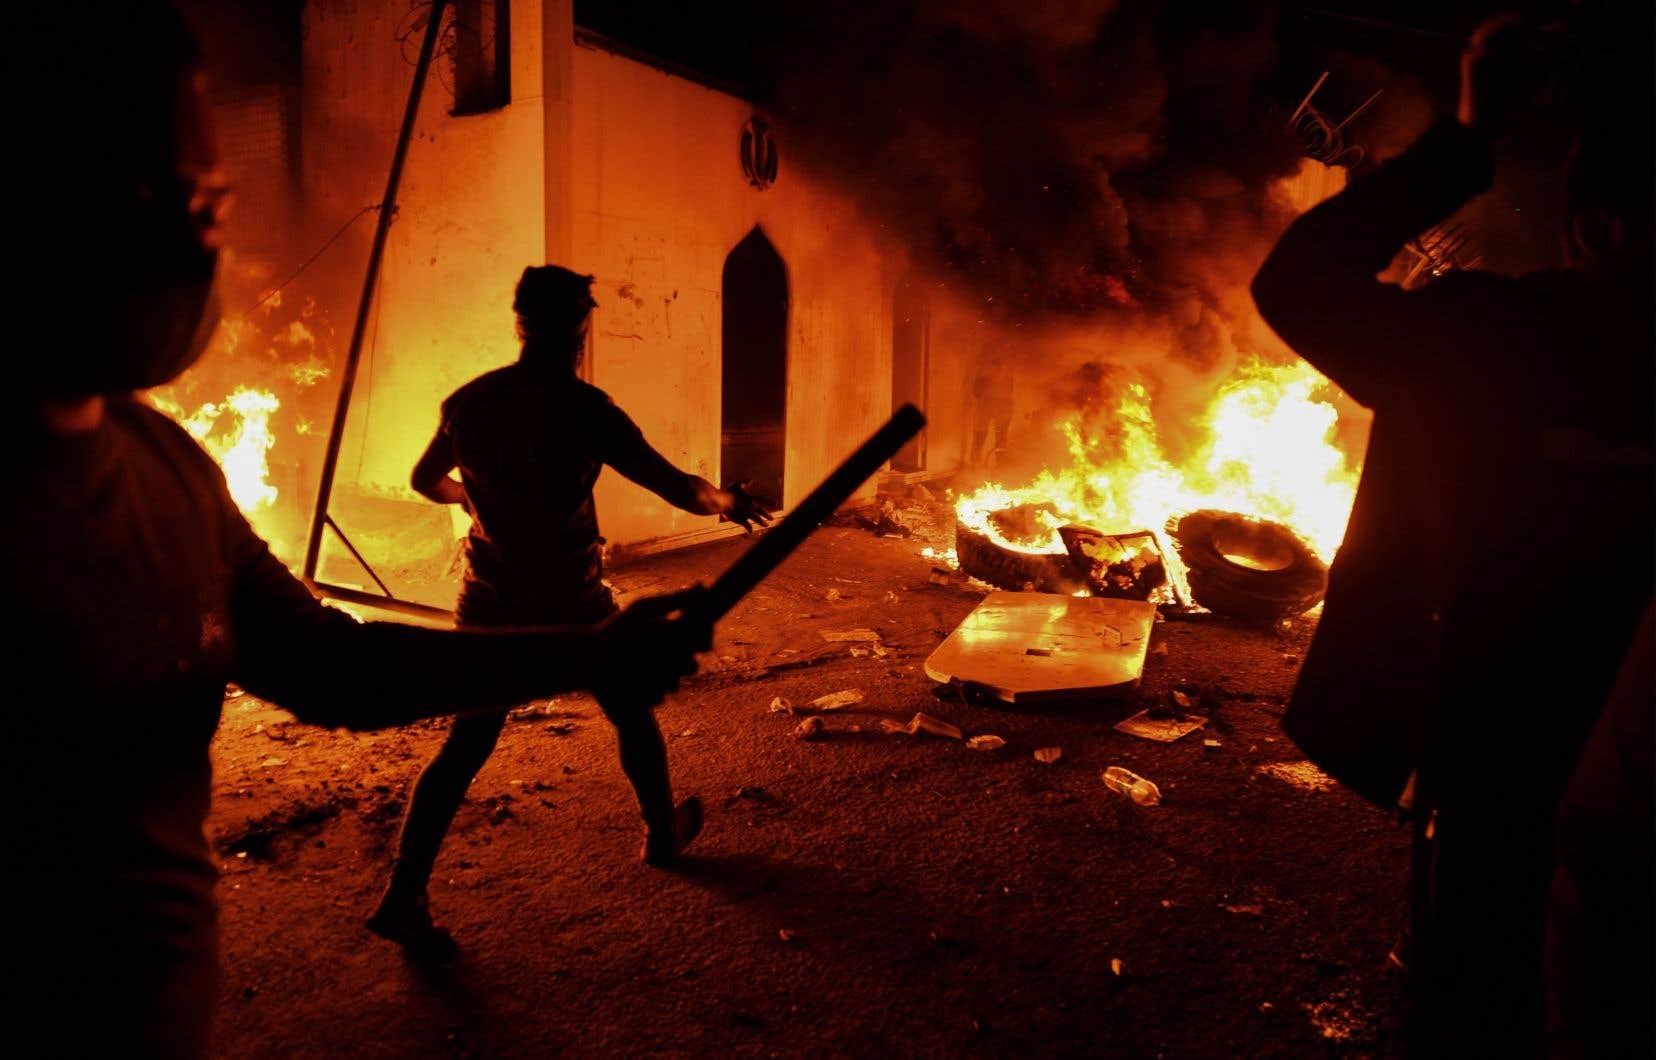 Le consulat d'Iran à Najaf, au sud de l'Irak, a été incendié mercredi soir lors d'une manifestation réunissant des centaines d'Irakiens réclamant une refonte du système politique dans leur pays